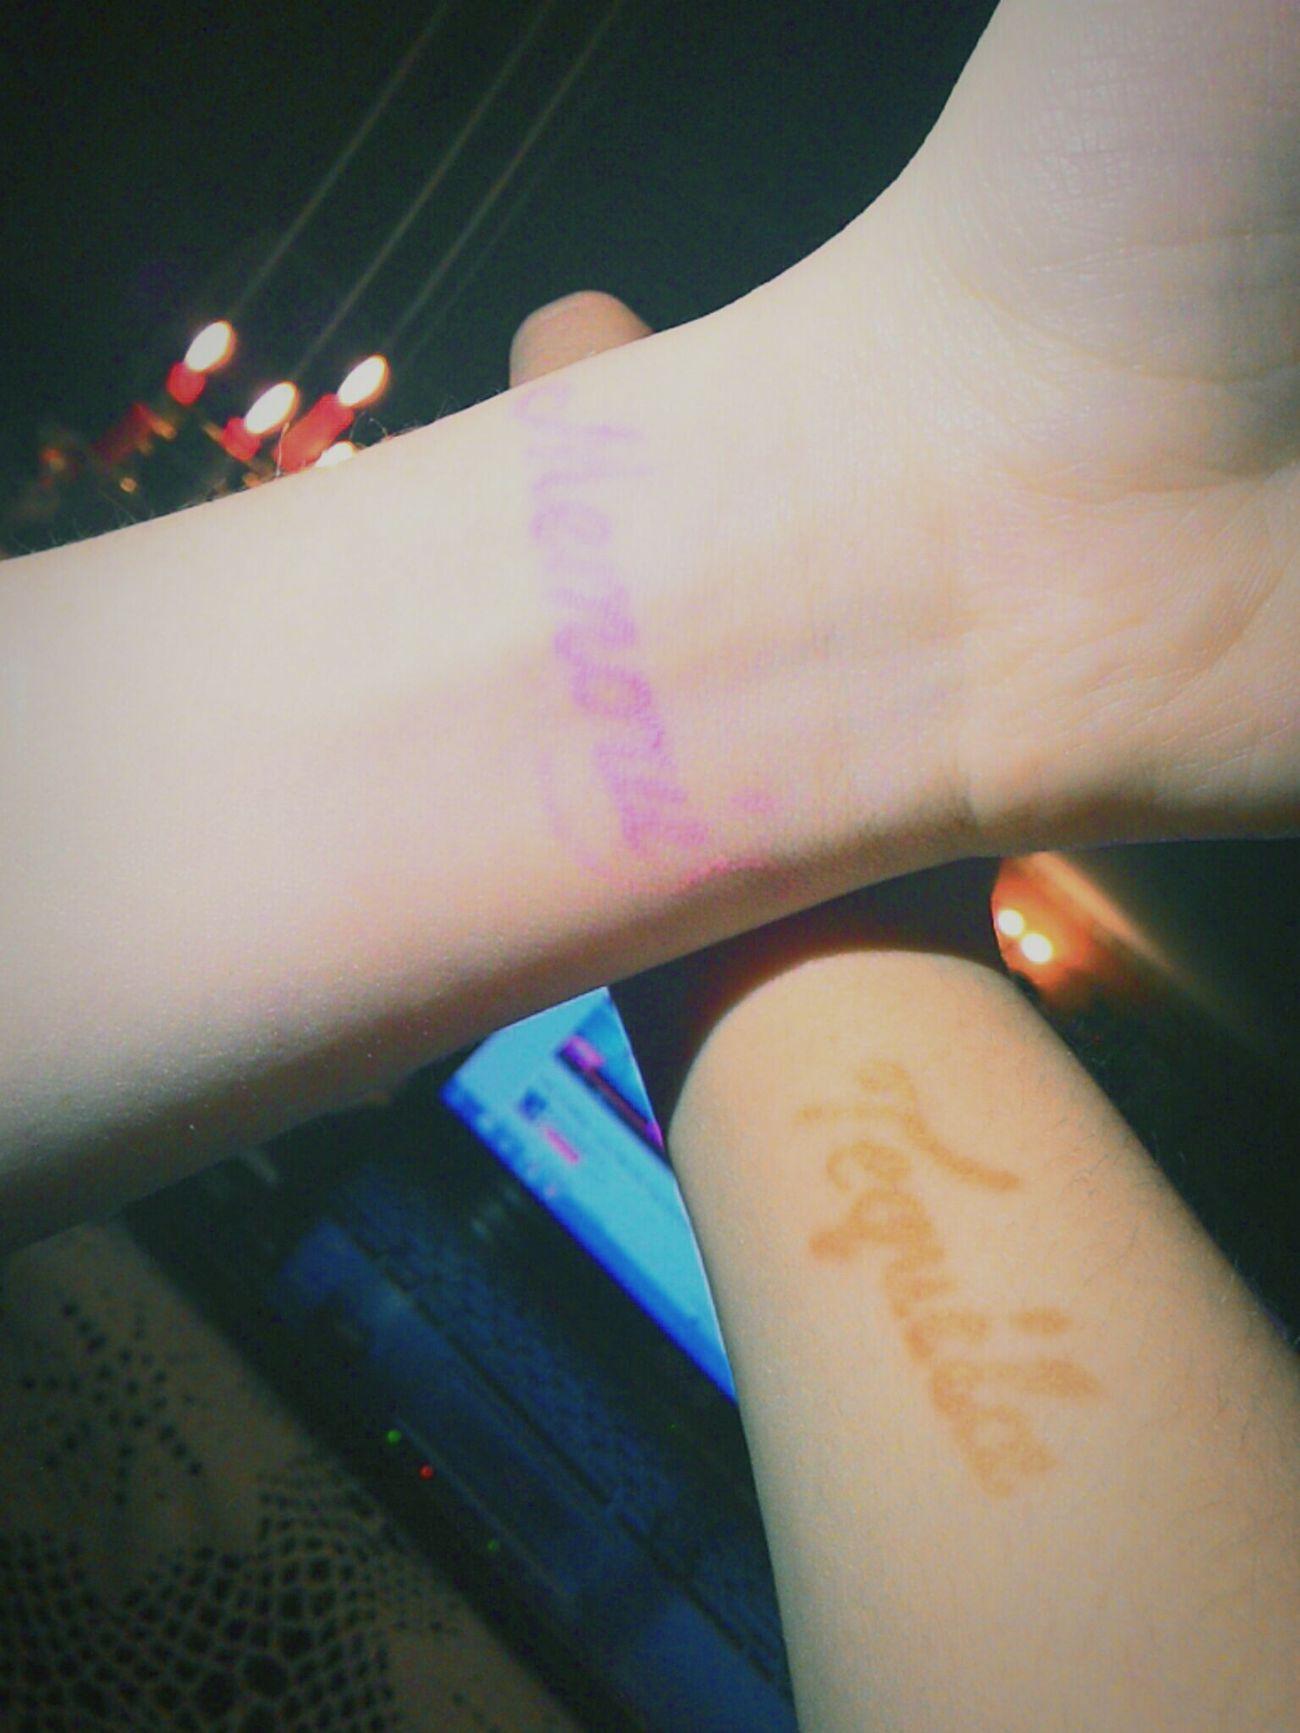 Tattooedgirls Tattoogirl Tattoo Design Tatuaje <3 Tatoos Tattoo ❤ MyTattoo♥ Tatto ✌ Tatuaż Myfriend